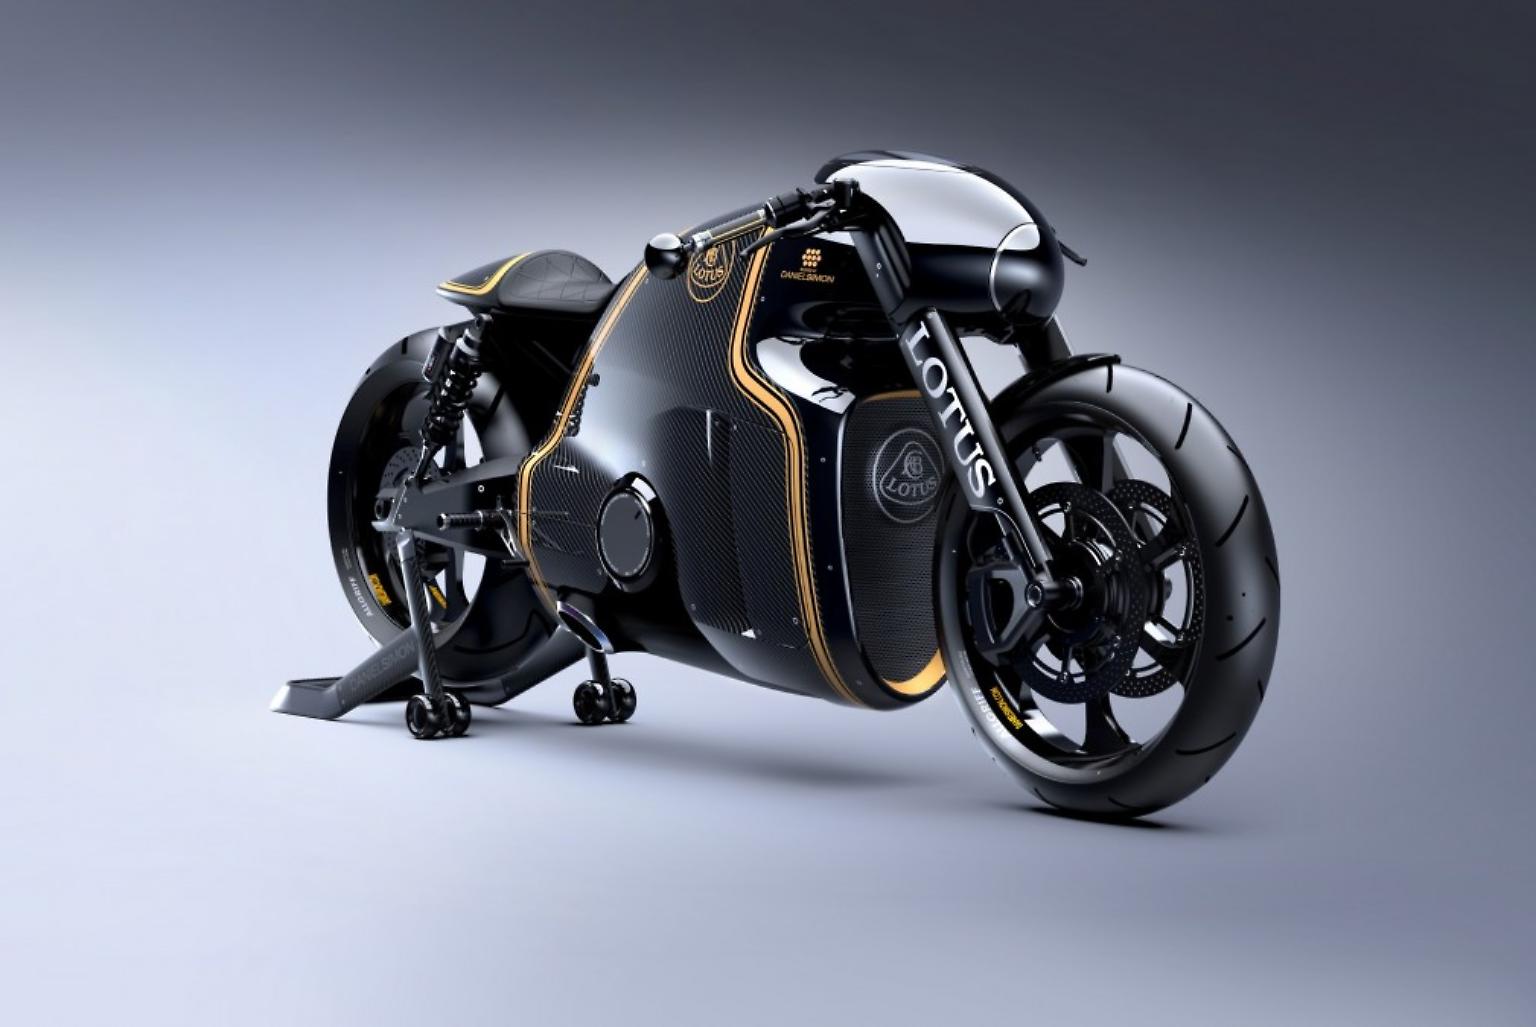 lotus-c-01-superbike_100457594_l.jpg